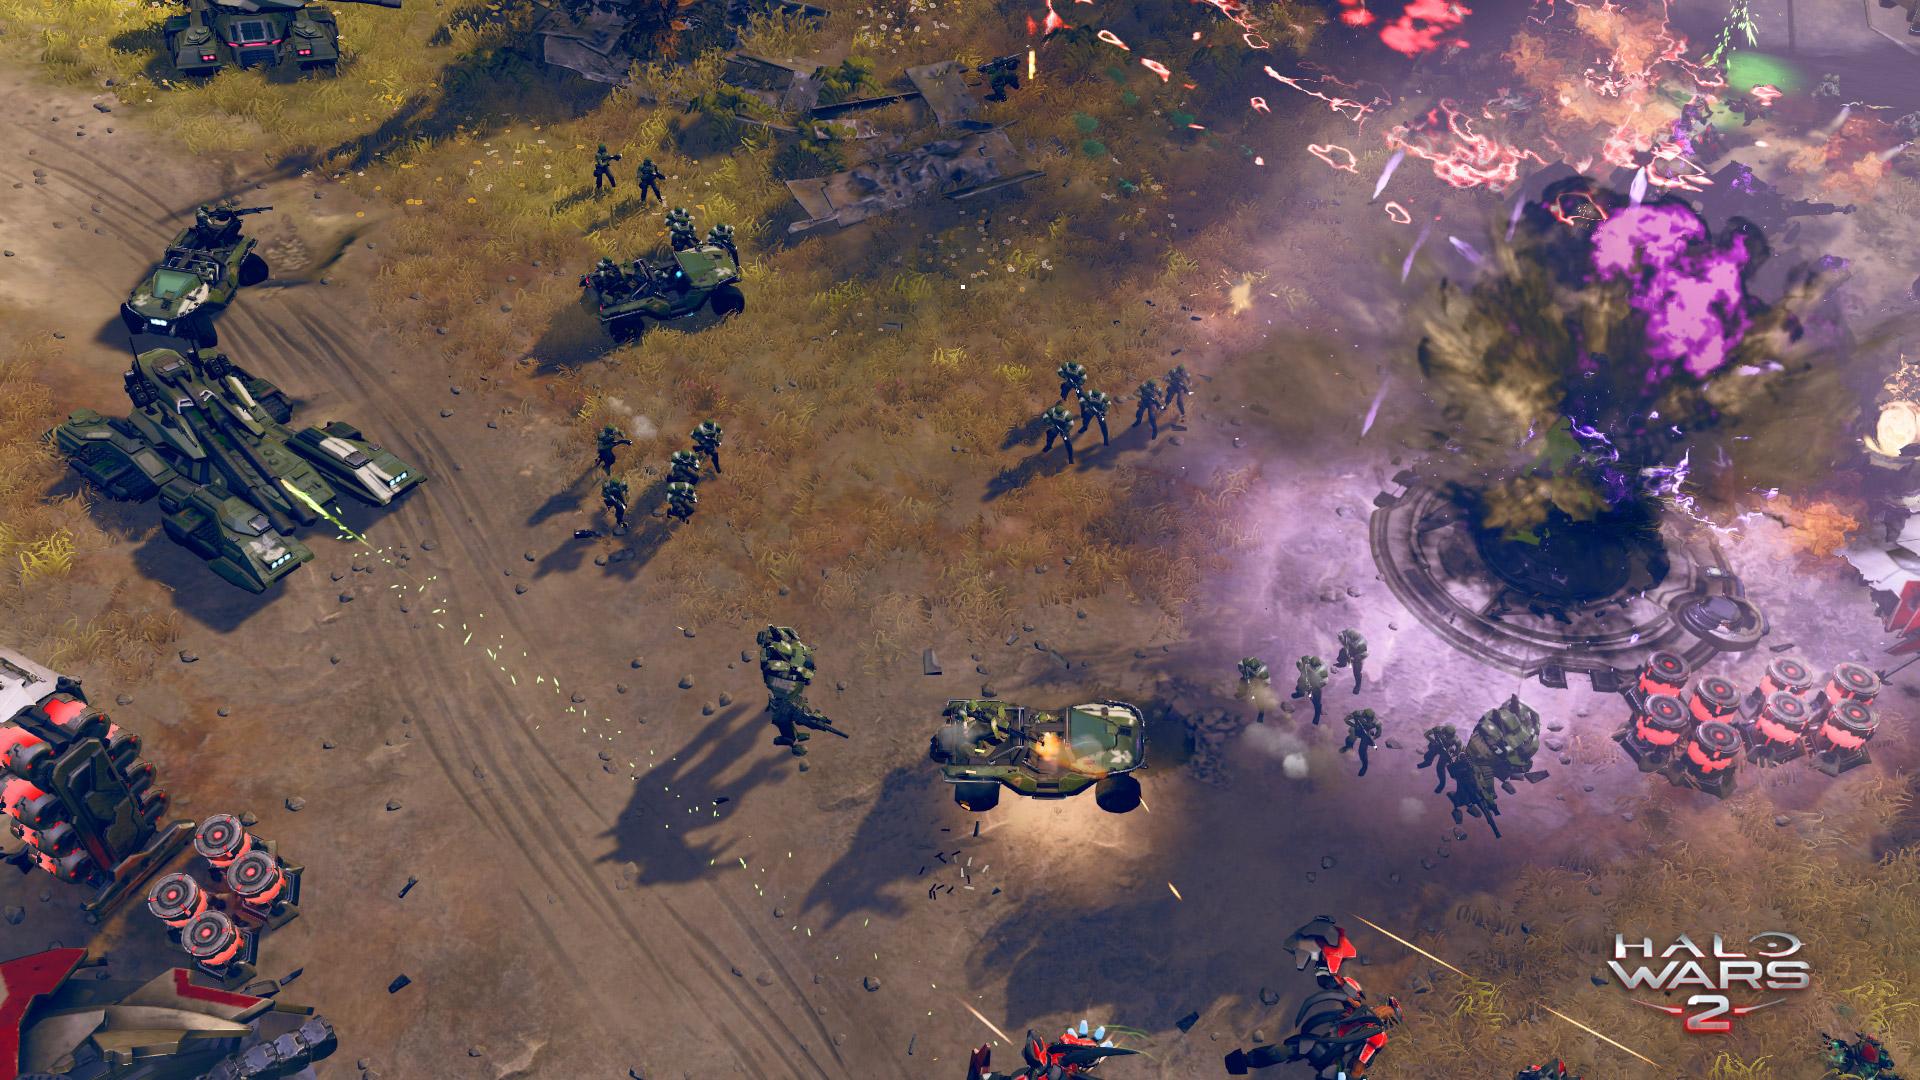 halo wars 2 ultimate edition gameplay ile ilgili görsel sonucu